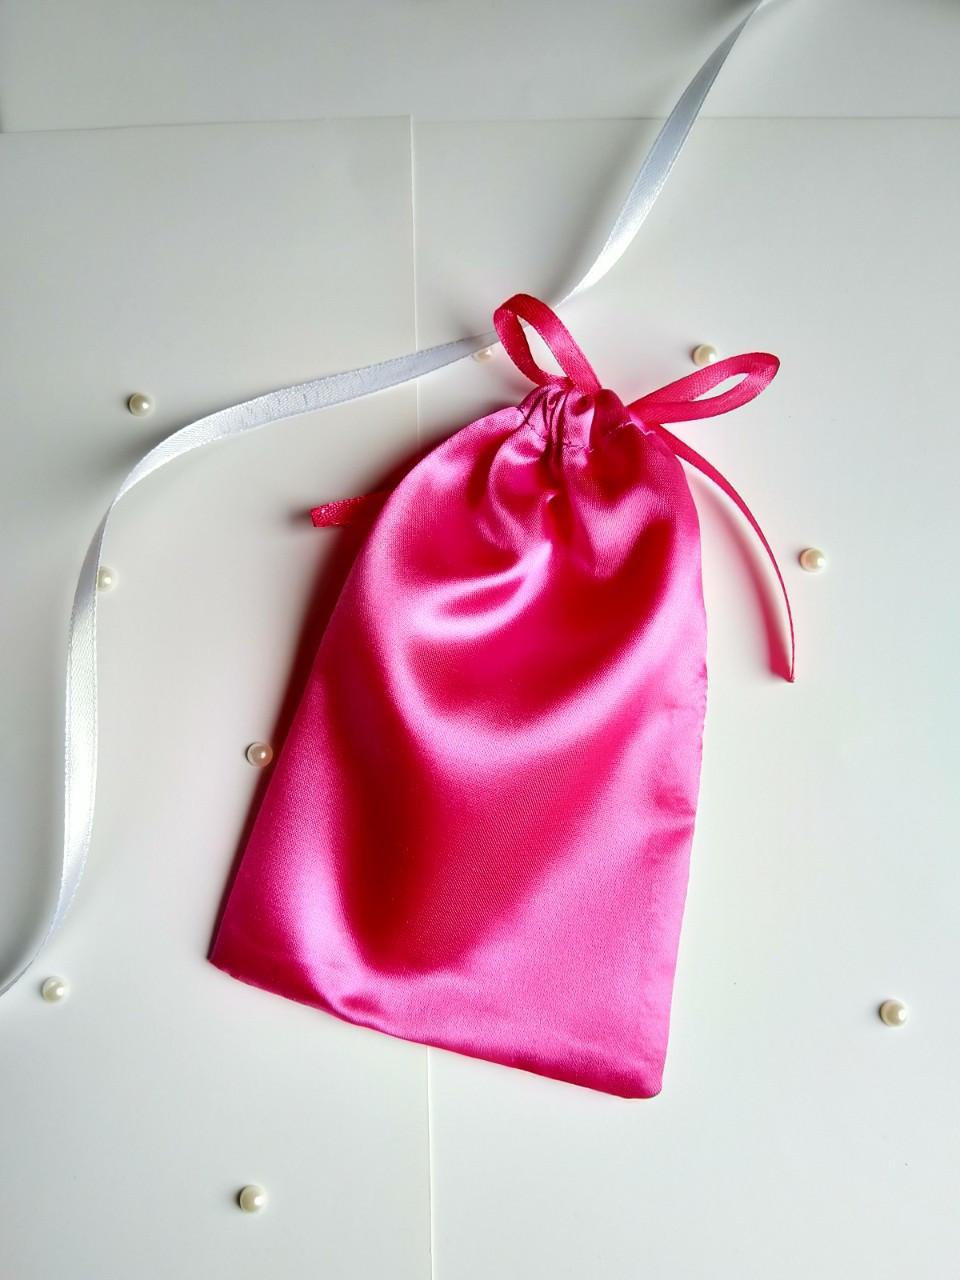 Атласный мешочек для подарка  13 х 18 см (Мешочек для упаковки подарка, подарочная упаков) малиновый